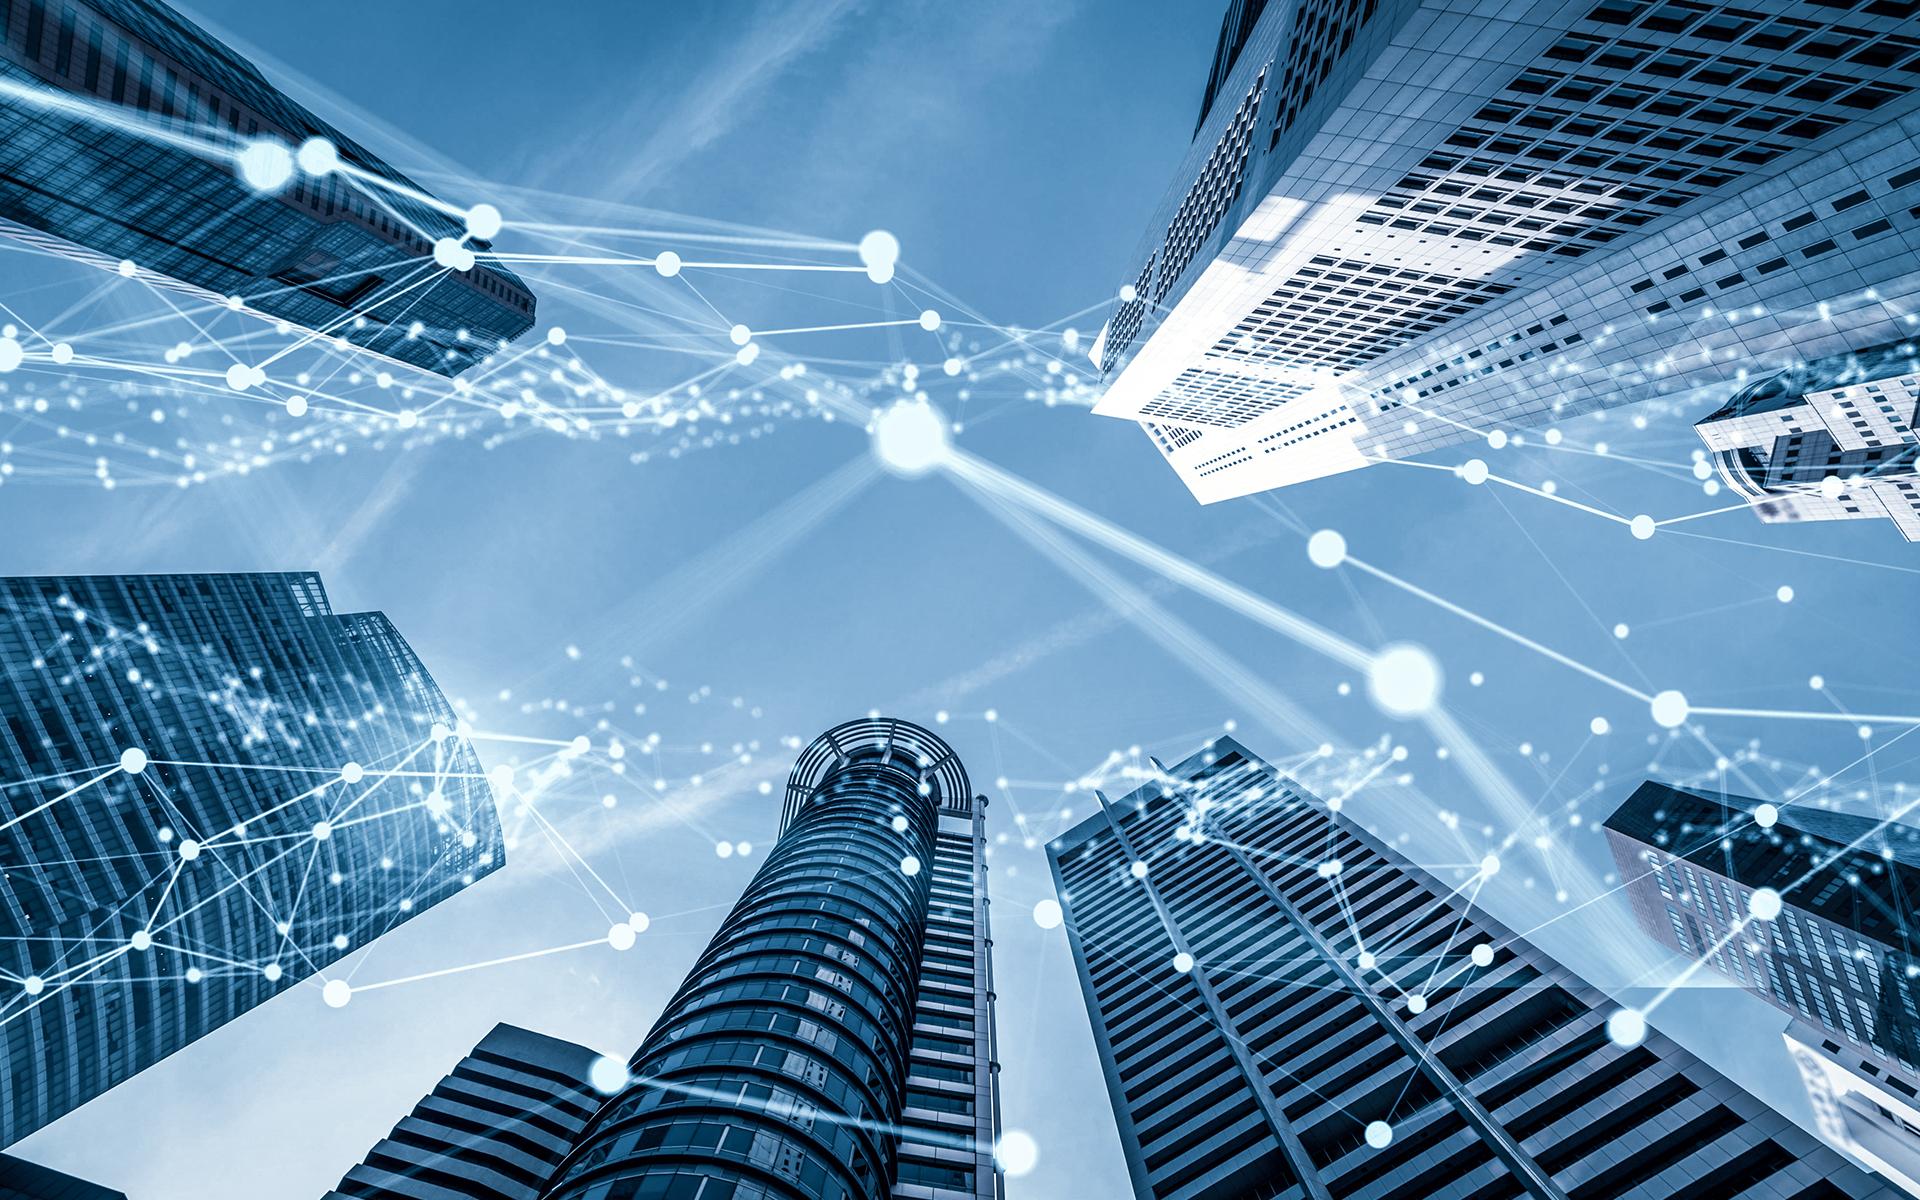 """Featured image for """"Digitale Wertschöpfung in der Bauindustrie"""""""